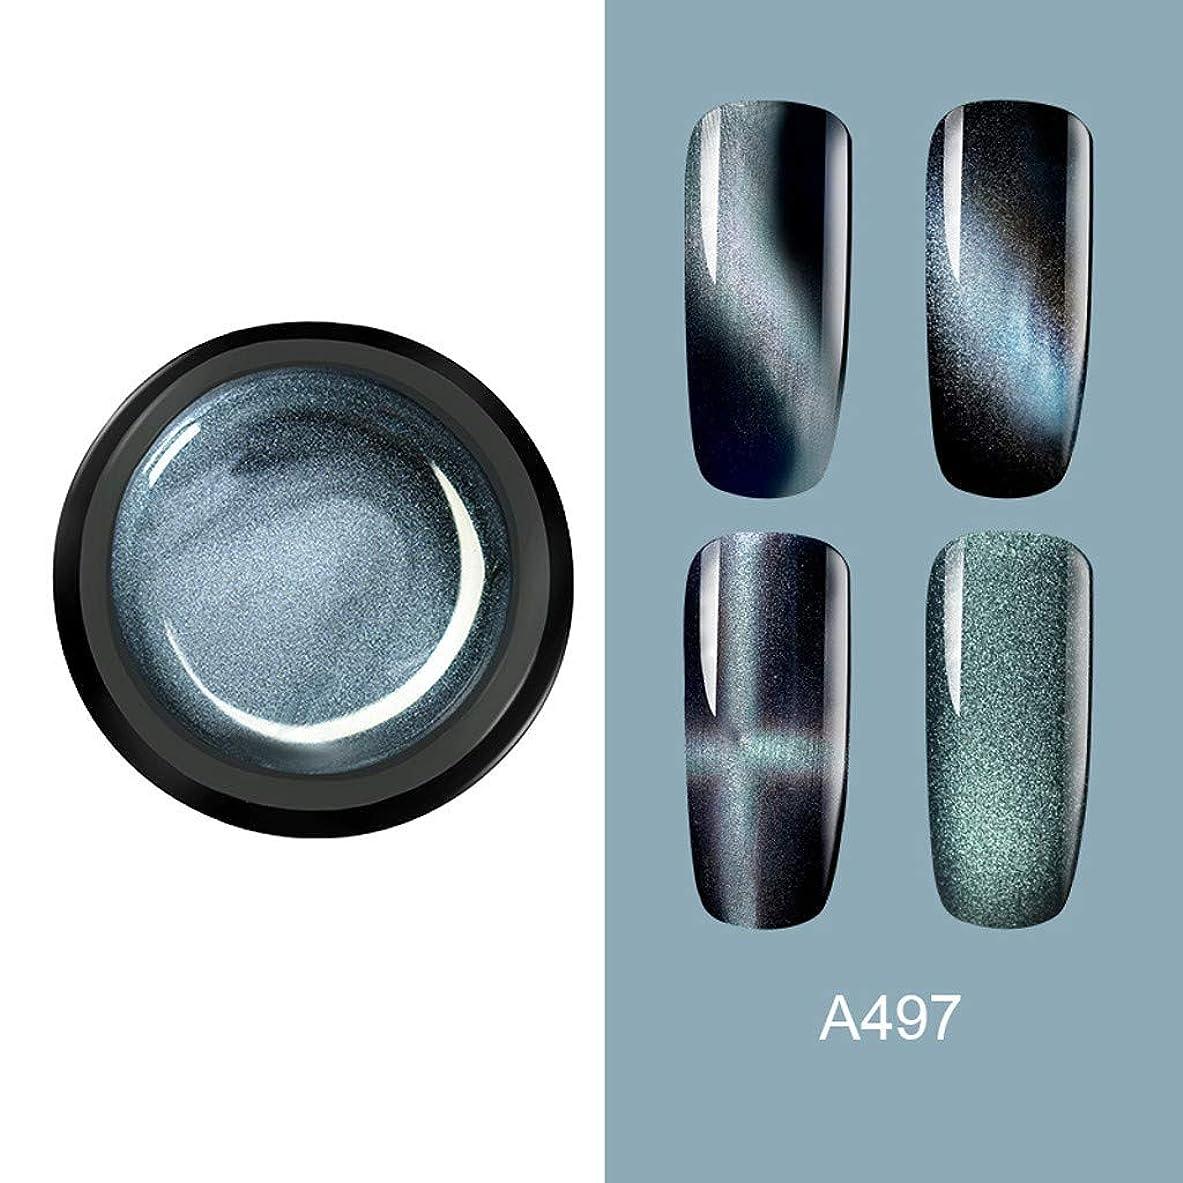 原子炉遅れペデスタルネイルポリッシュジェルネイルネイルオイルマニキュア,メタリック5DキャットアイポリッシュジェルシャイニースターリースカイソークオフアートネイルUVポリッシュ, Uamaze ビューティー ネイル ネイル道具 ケアツール ネイルデザイン ネイルアートツール メイク道具 ネイルアートパーツ マニキュア,長持ち、使いやすい、水性、無害、環境にやさしい